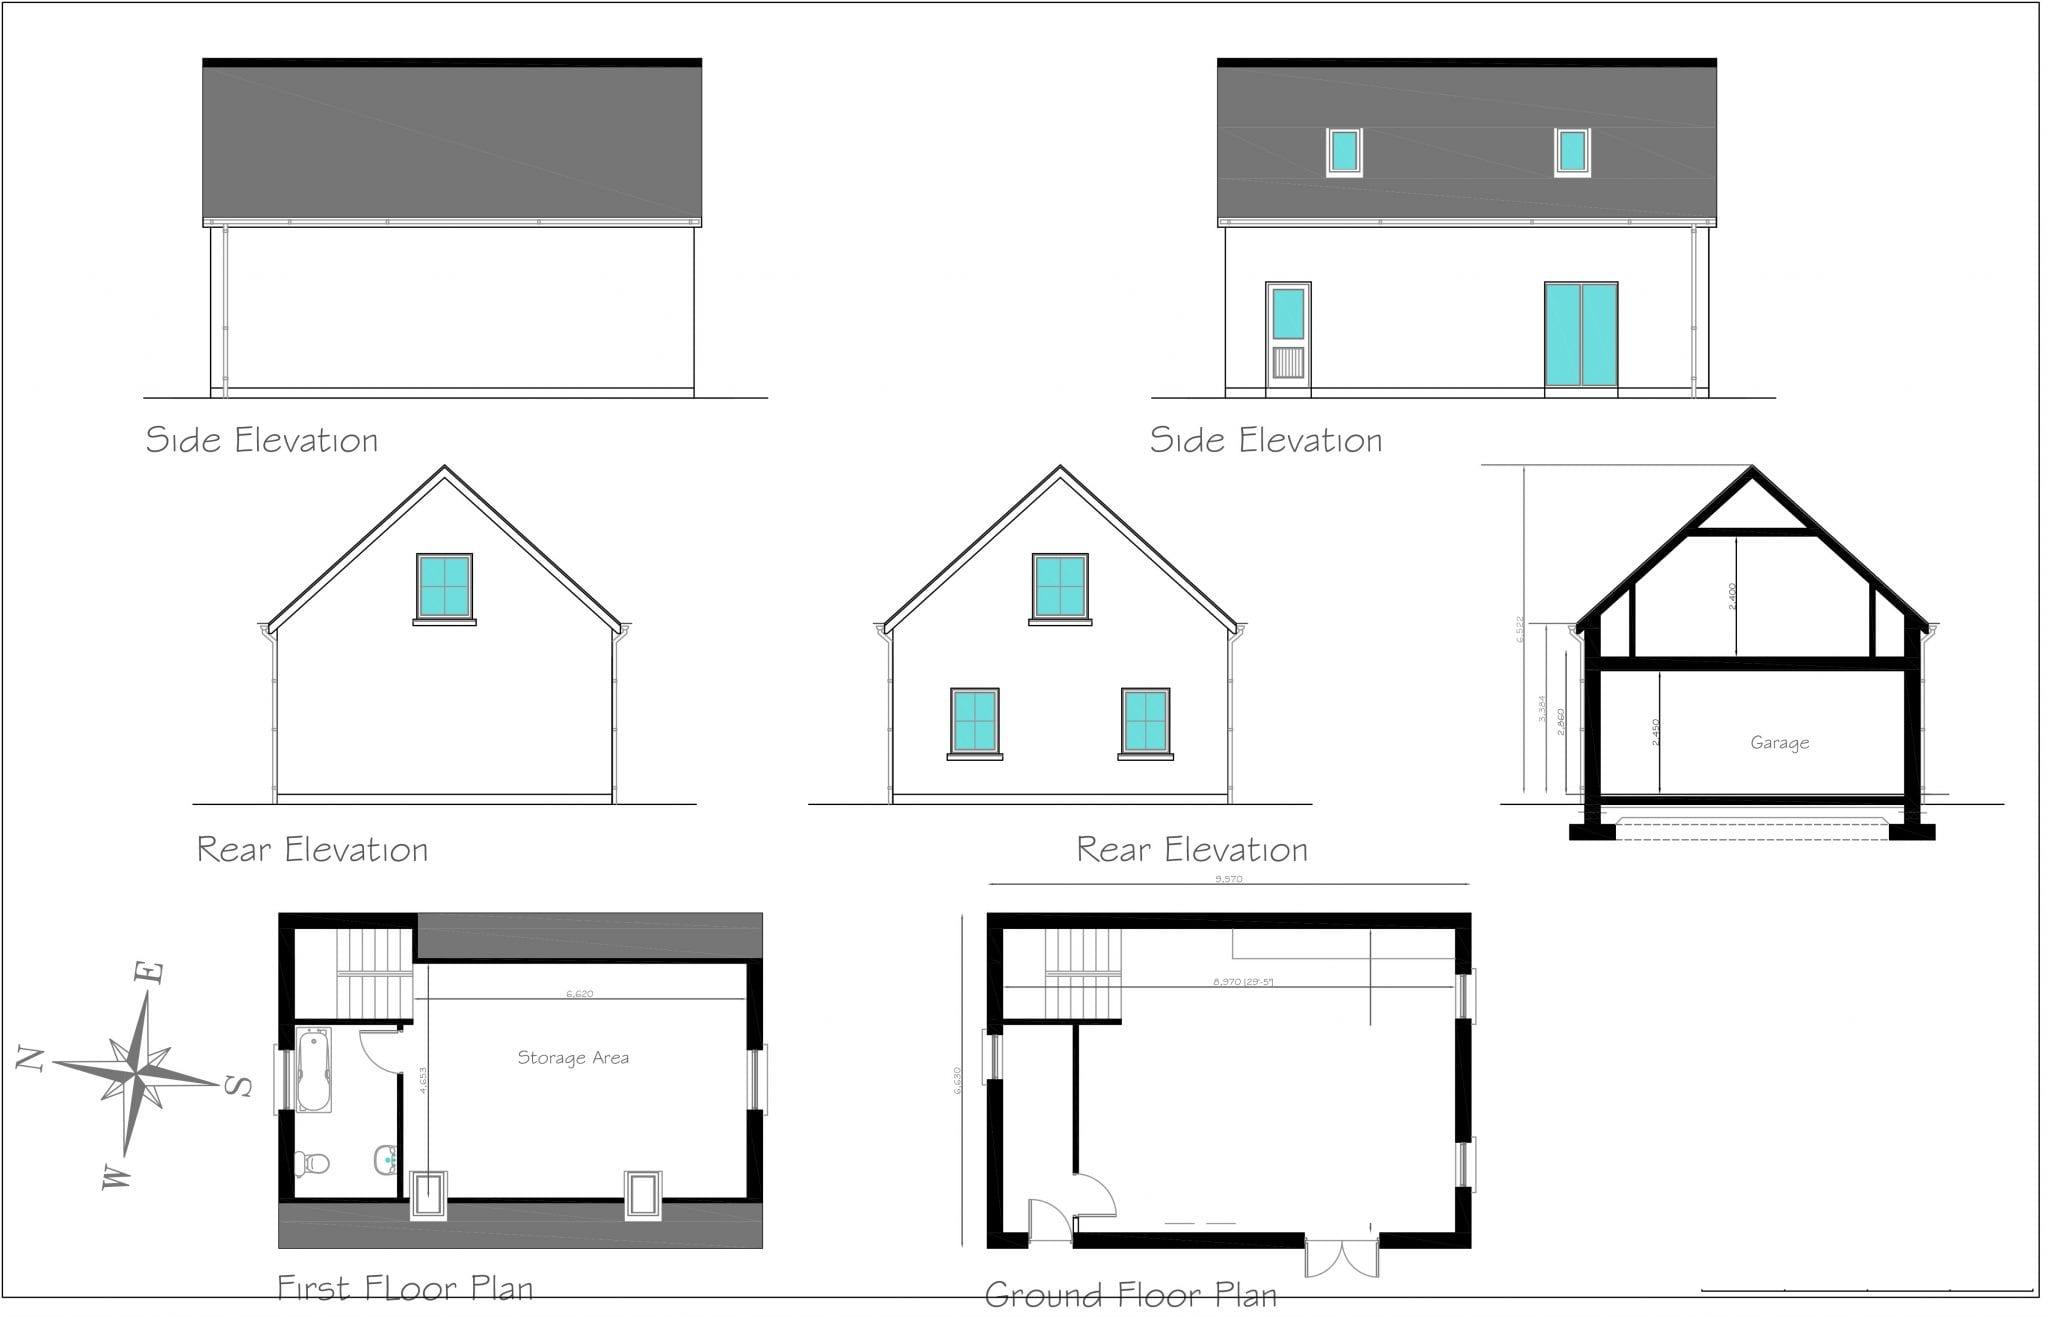 1766 - Garage as Dwelling